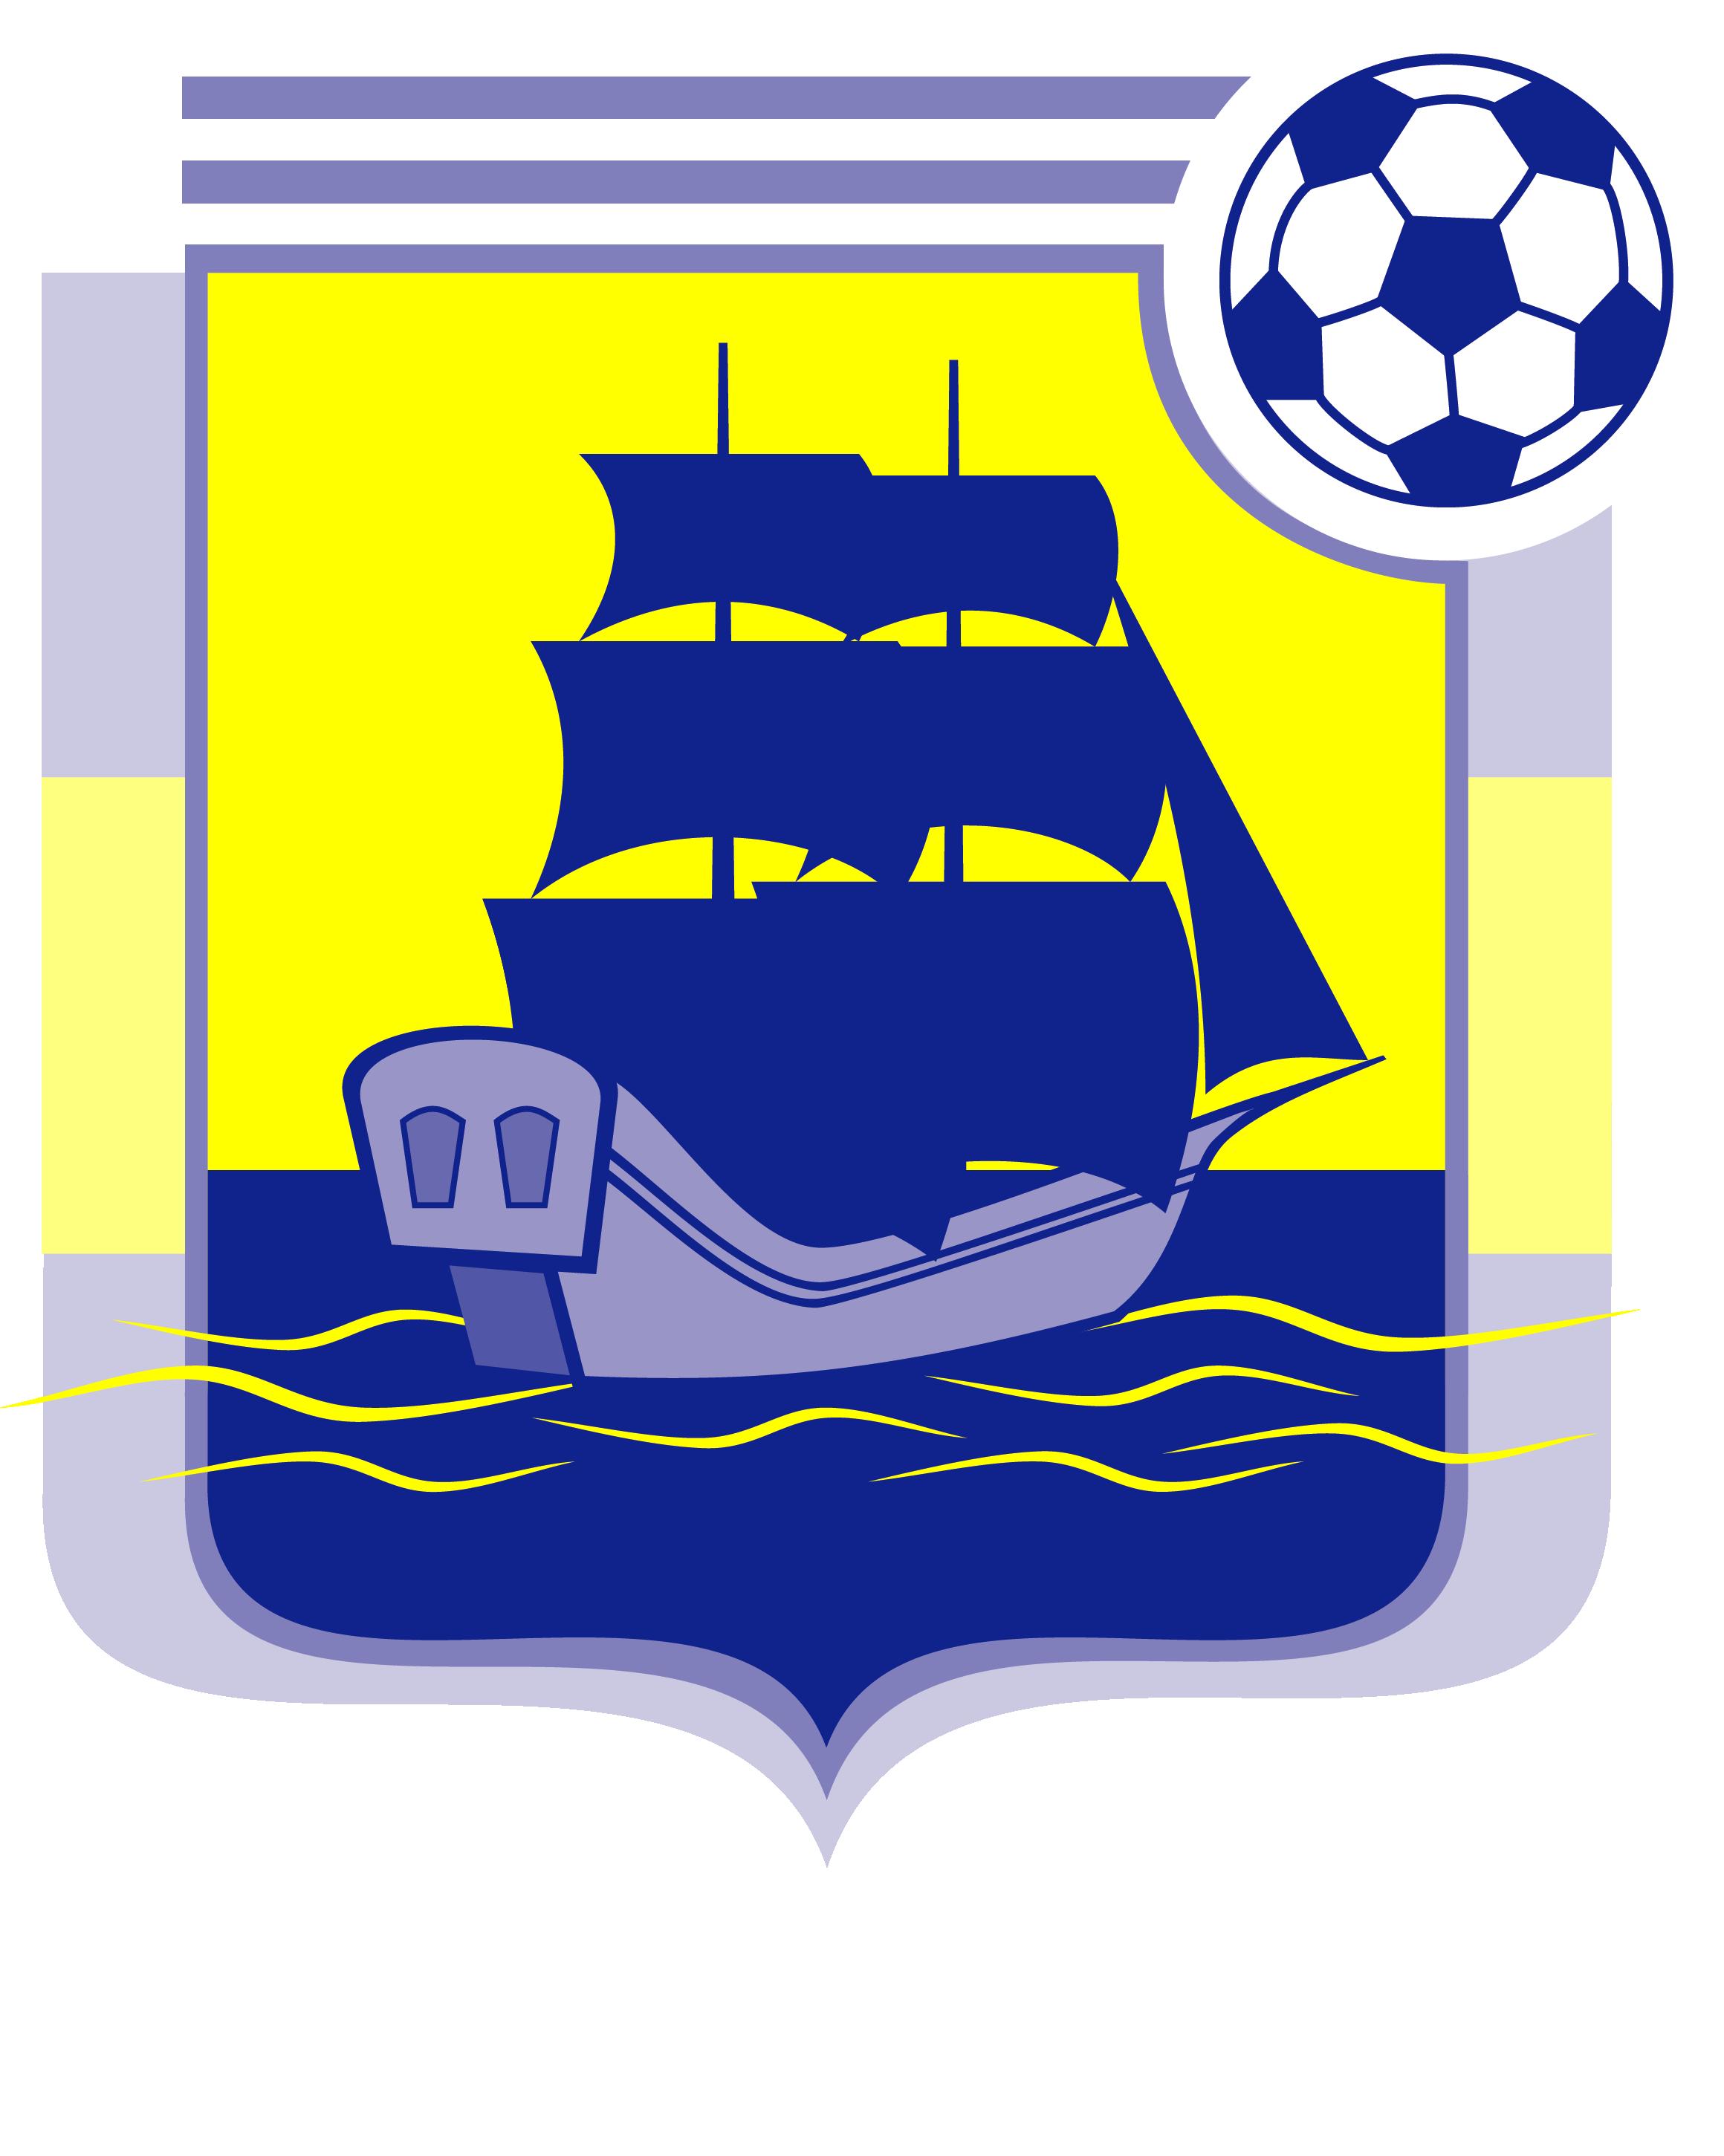 Voetbalvereniging Schipluiden